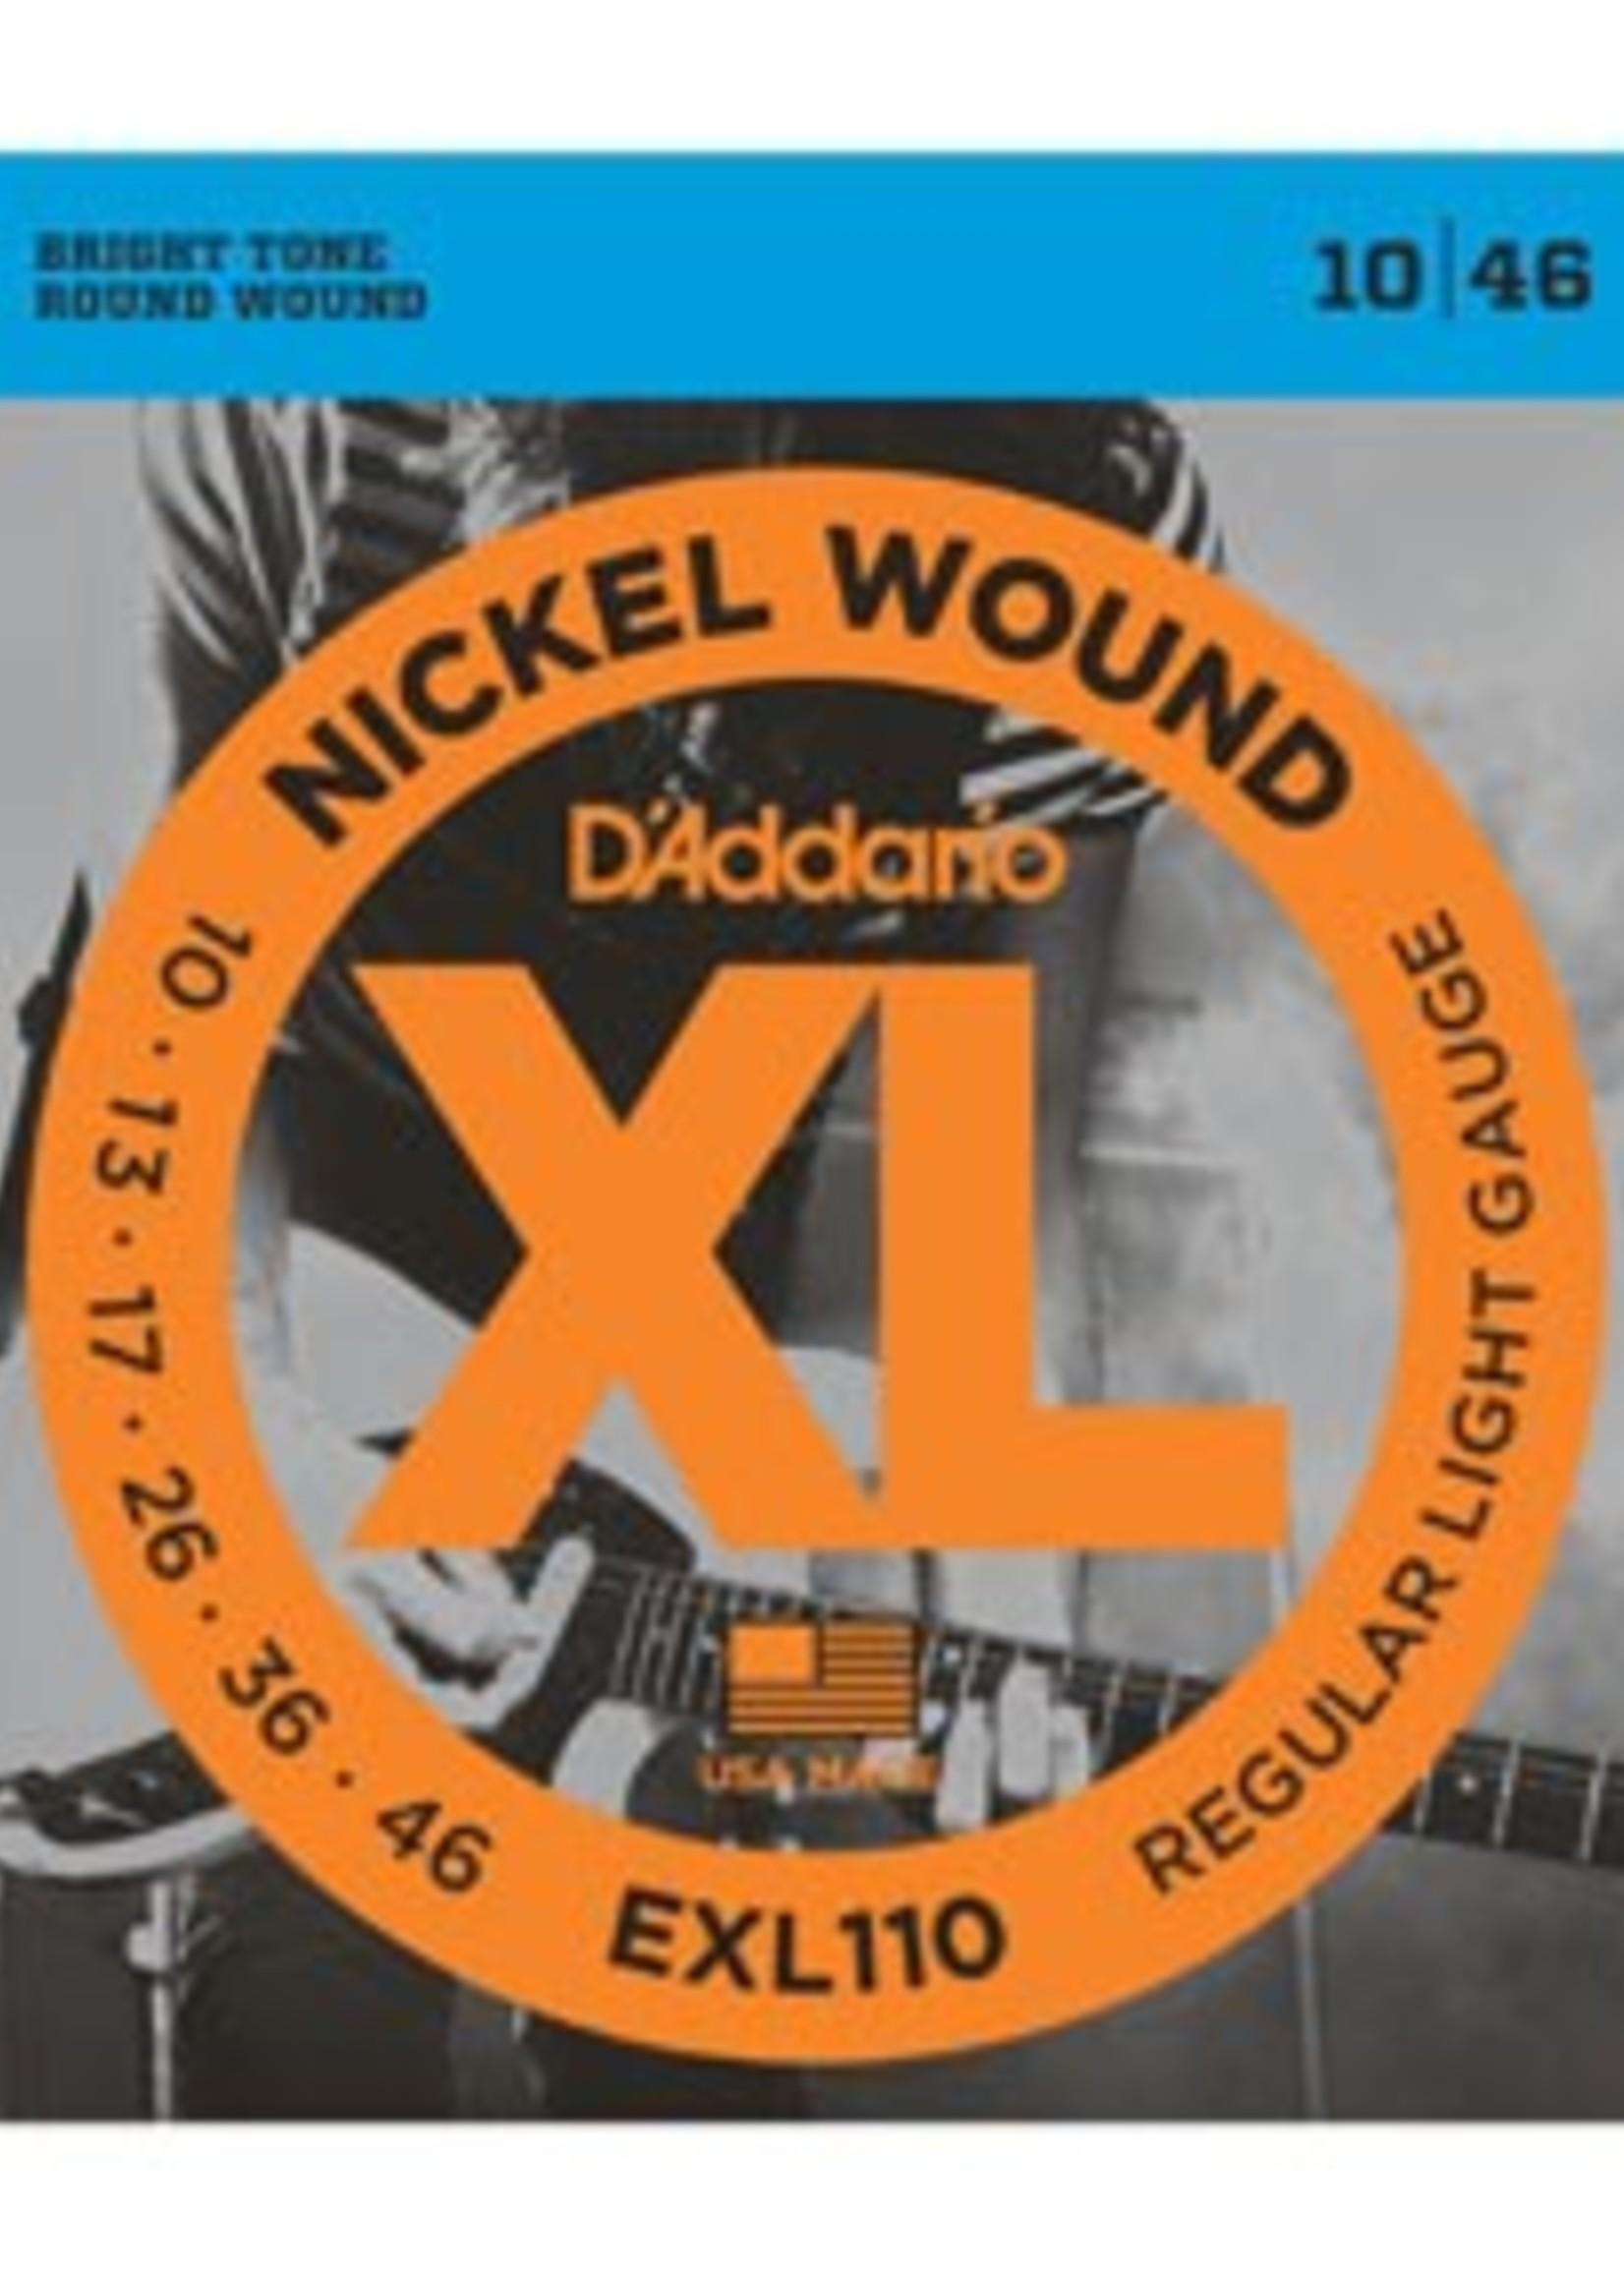 D'ADDARIO EXL110 ELECTRIQUE D'ADDARIO